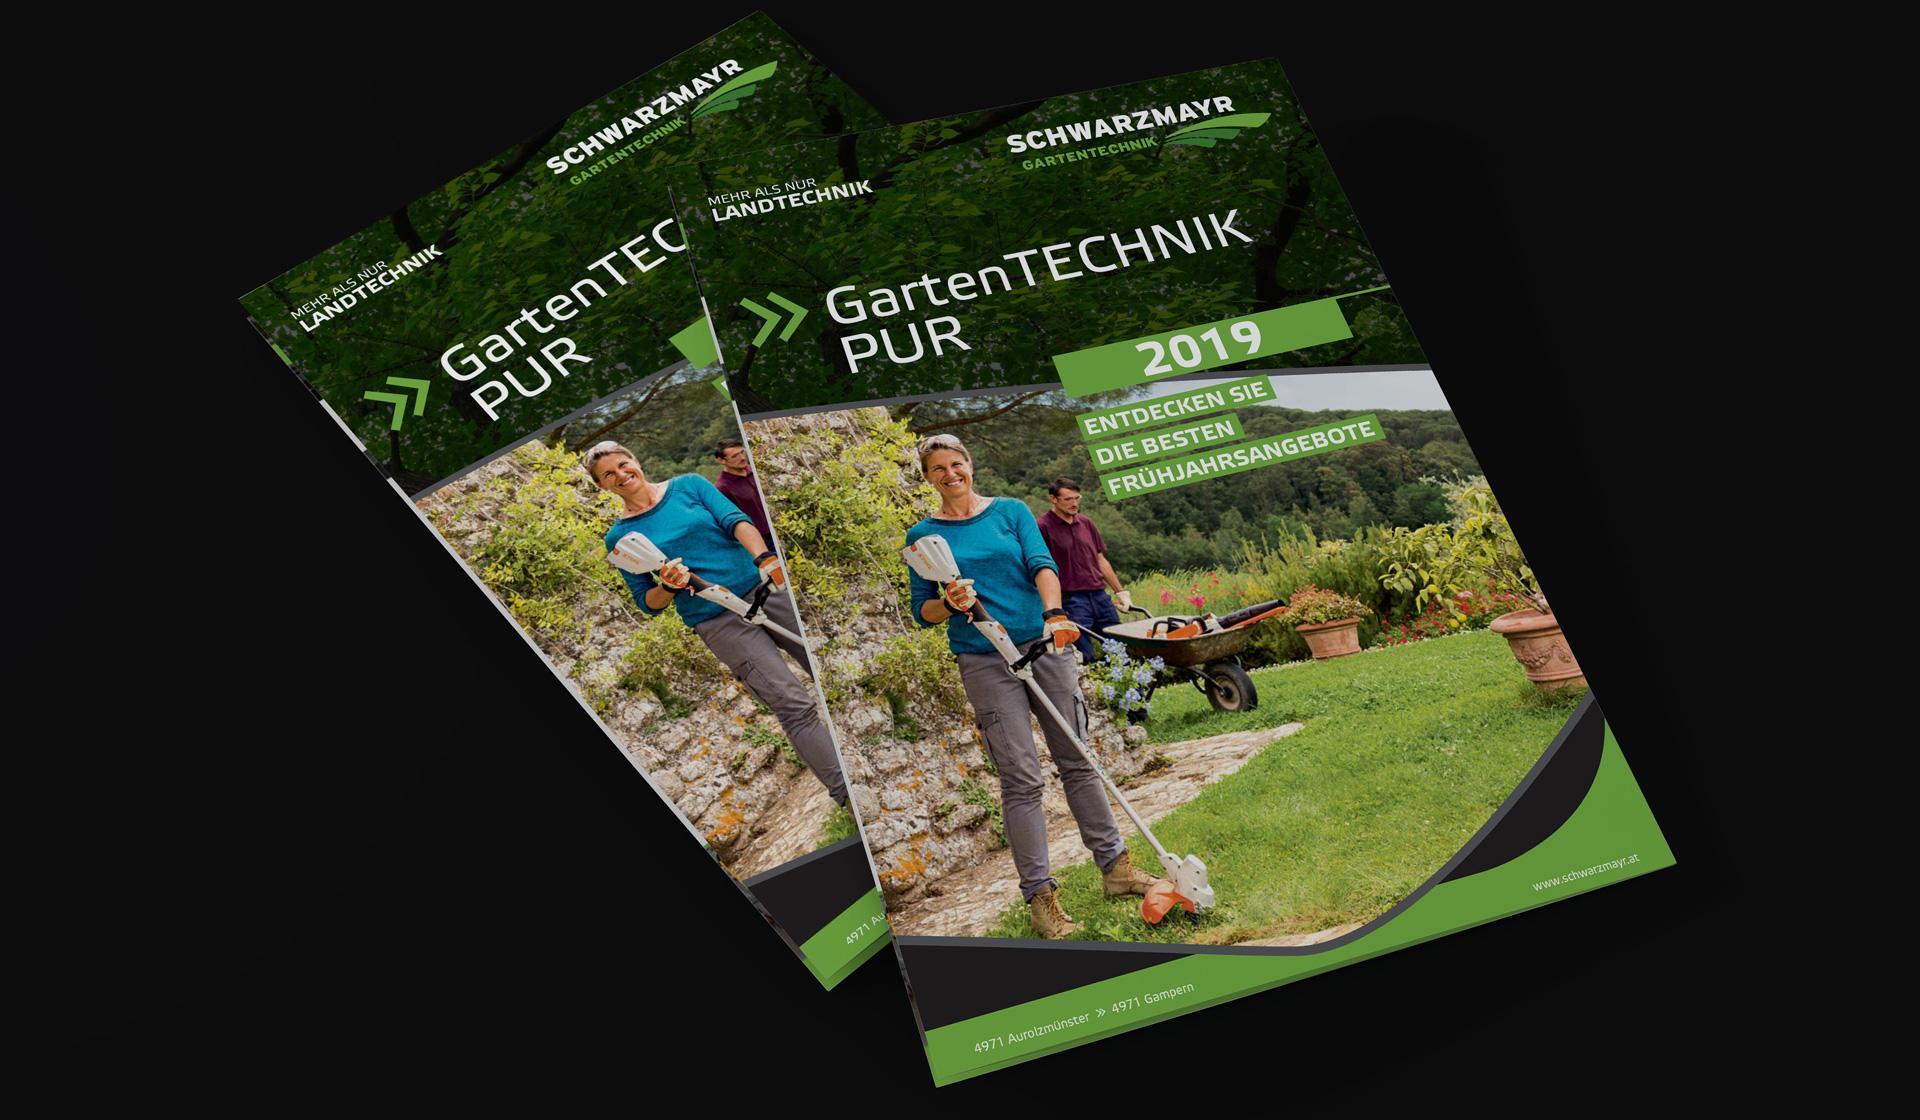 Gartentechnik pur